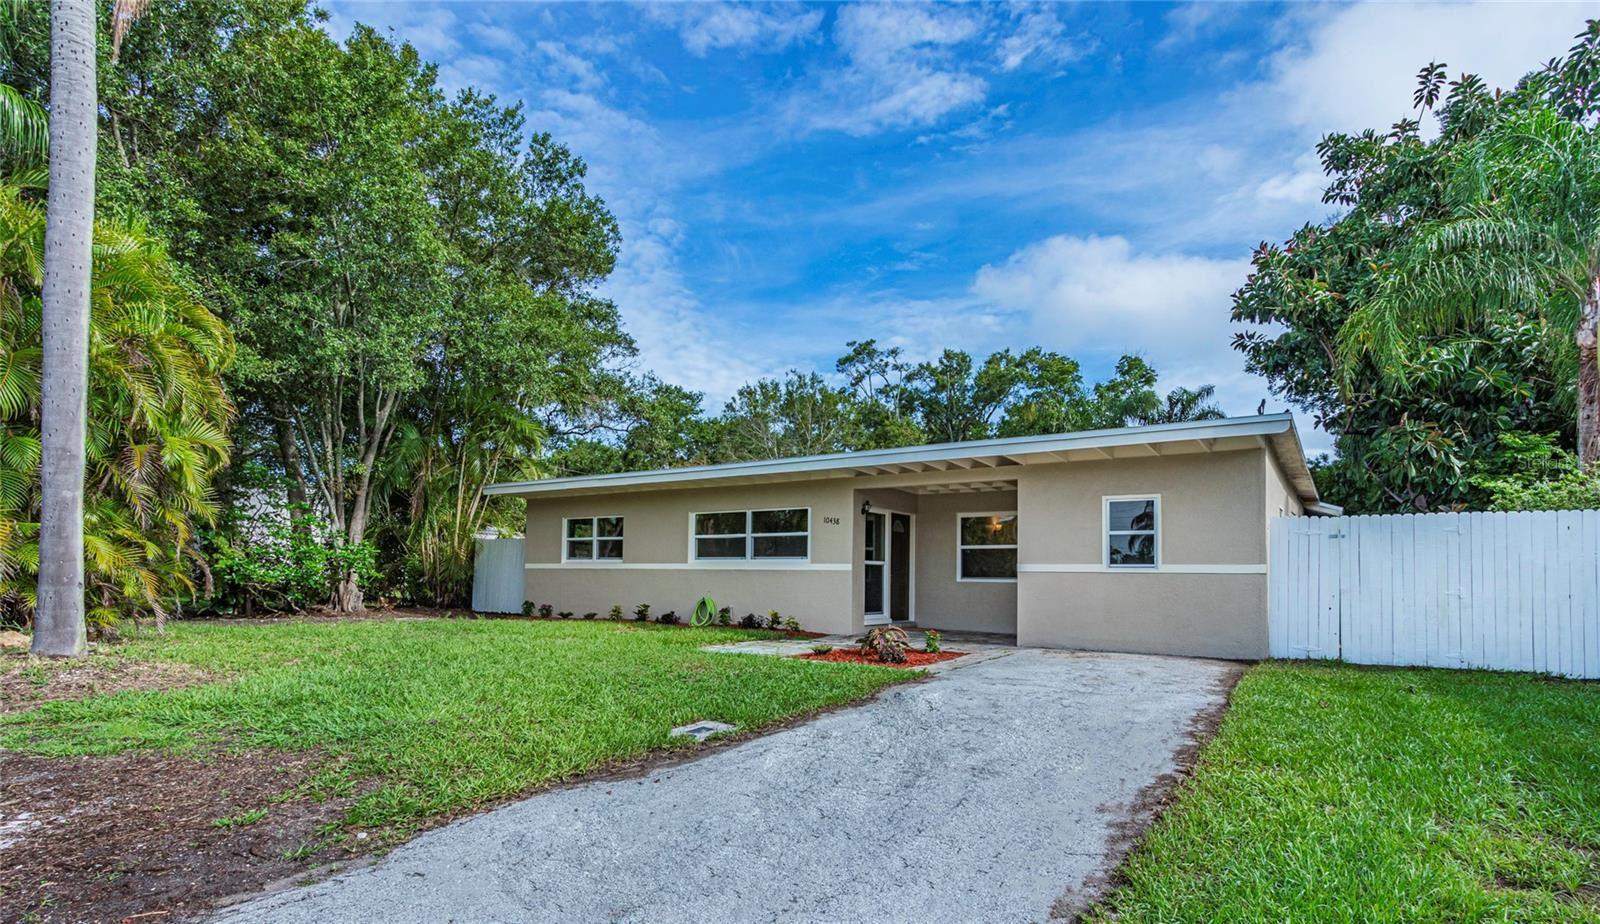 10438 65TH AVENUE, Seminole, FL 33772 - #: U8129075